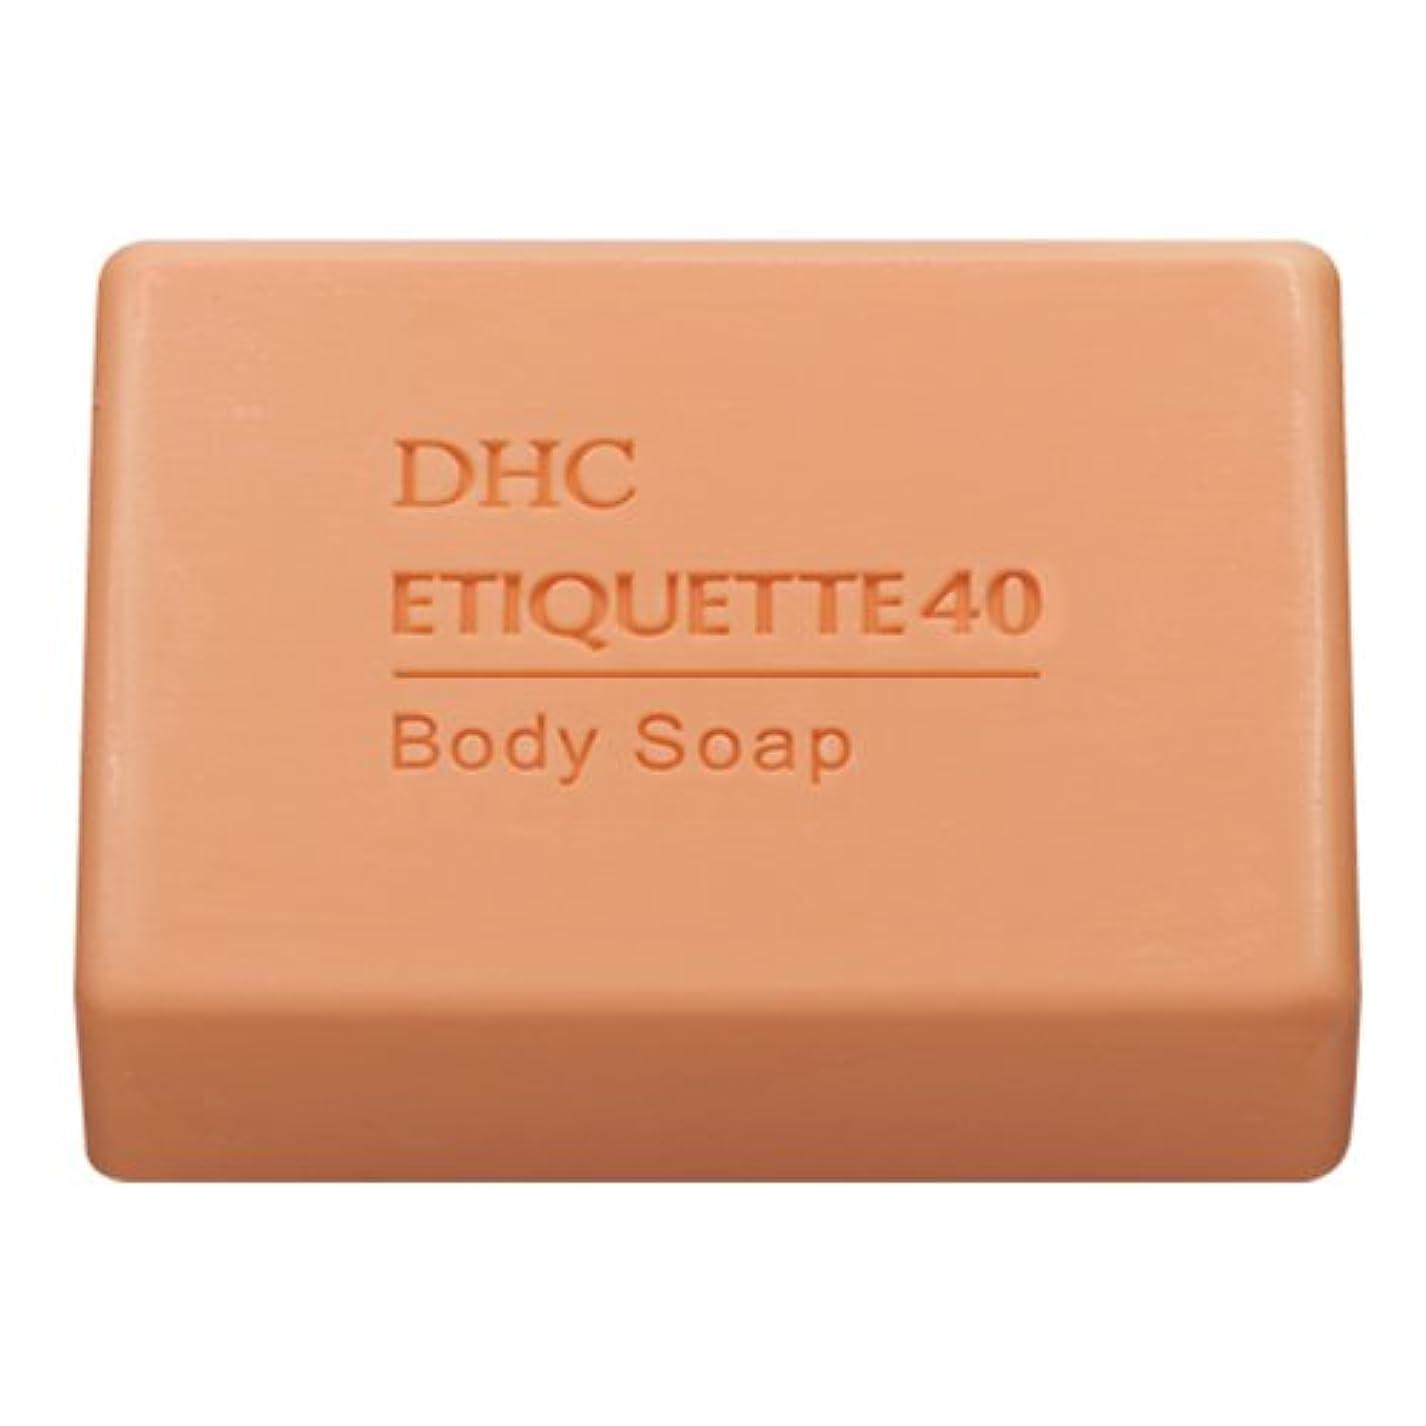 成長するシンボル計画的【医薬部外品】DHC薬用エチケット40 ボディソープ